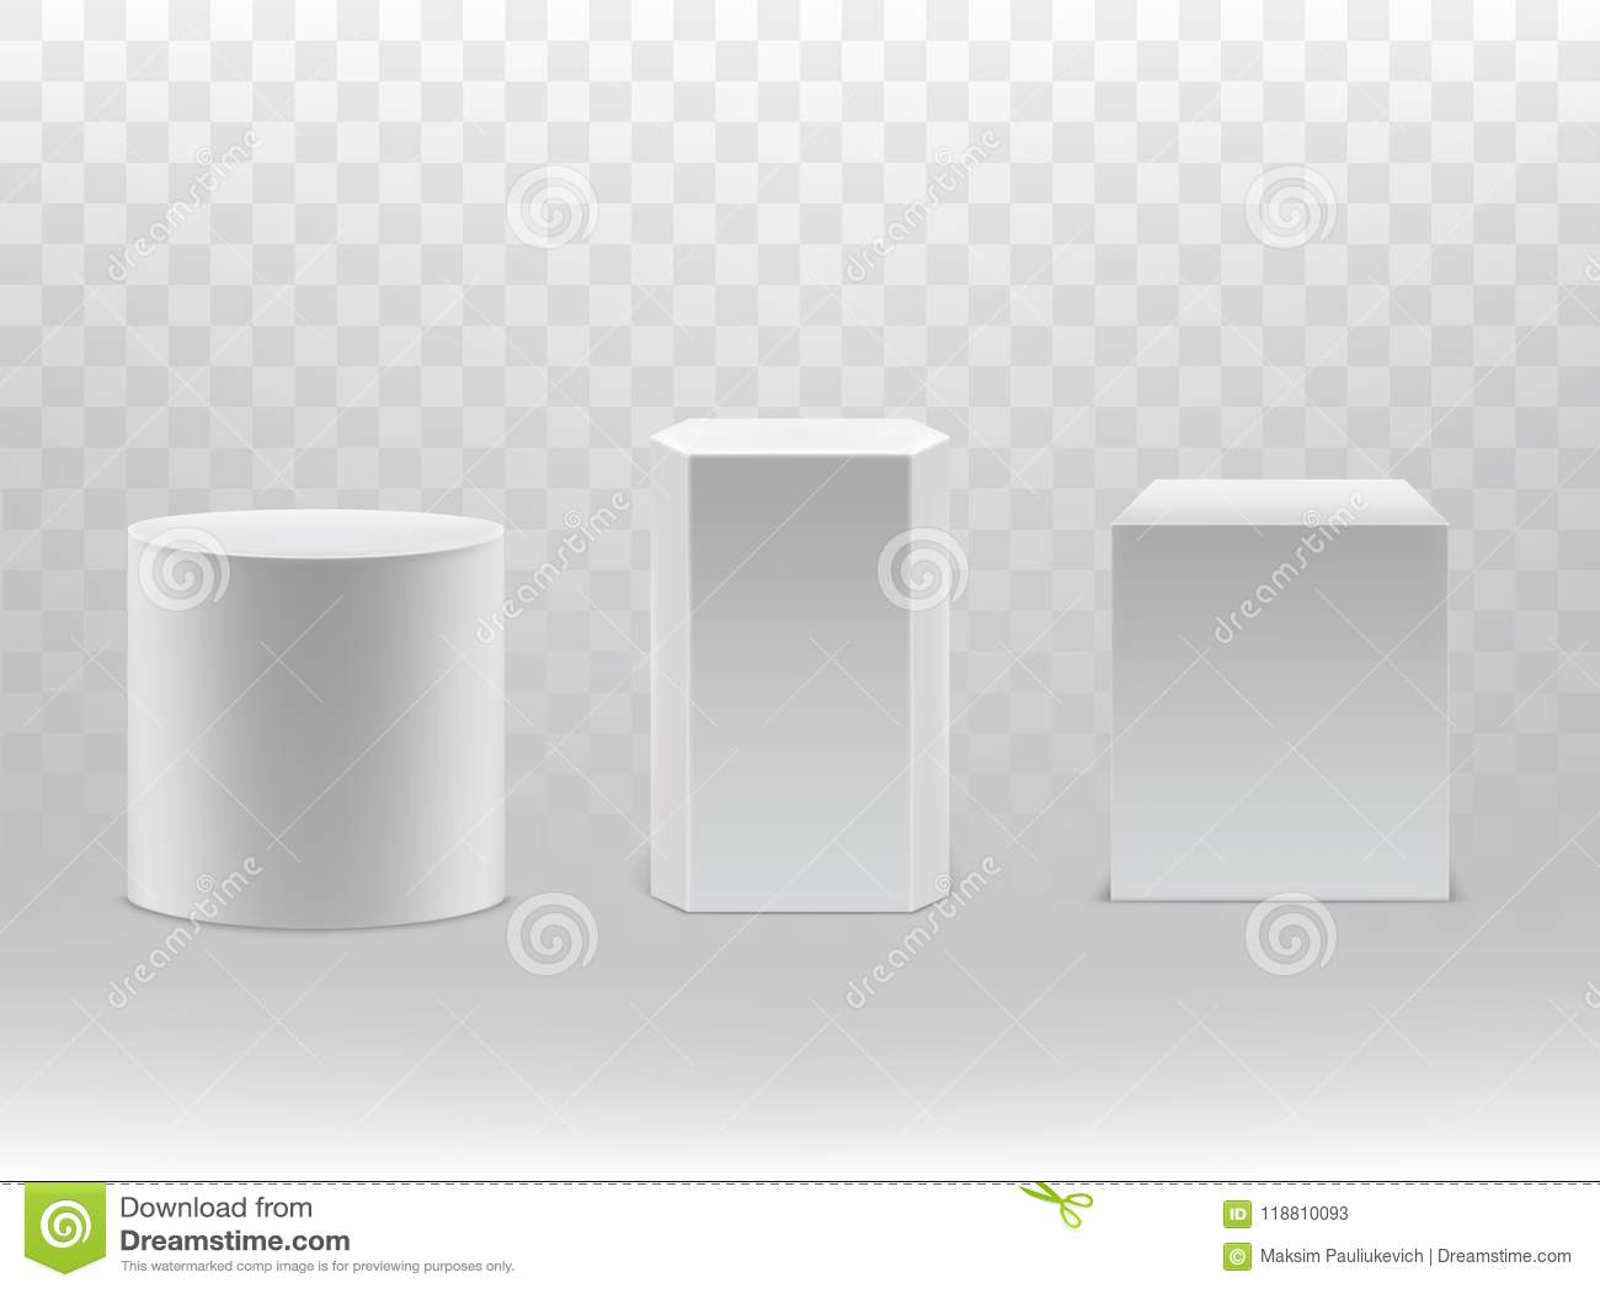 Vector 3d реалистические геометрические формы цилиндр, куб